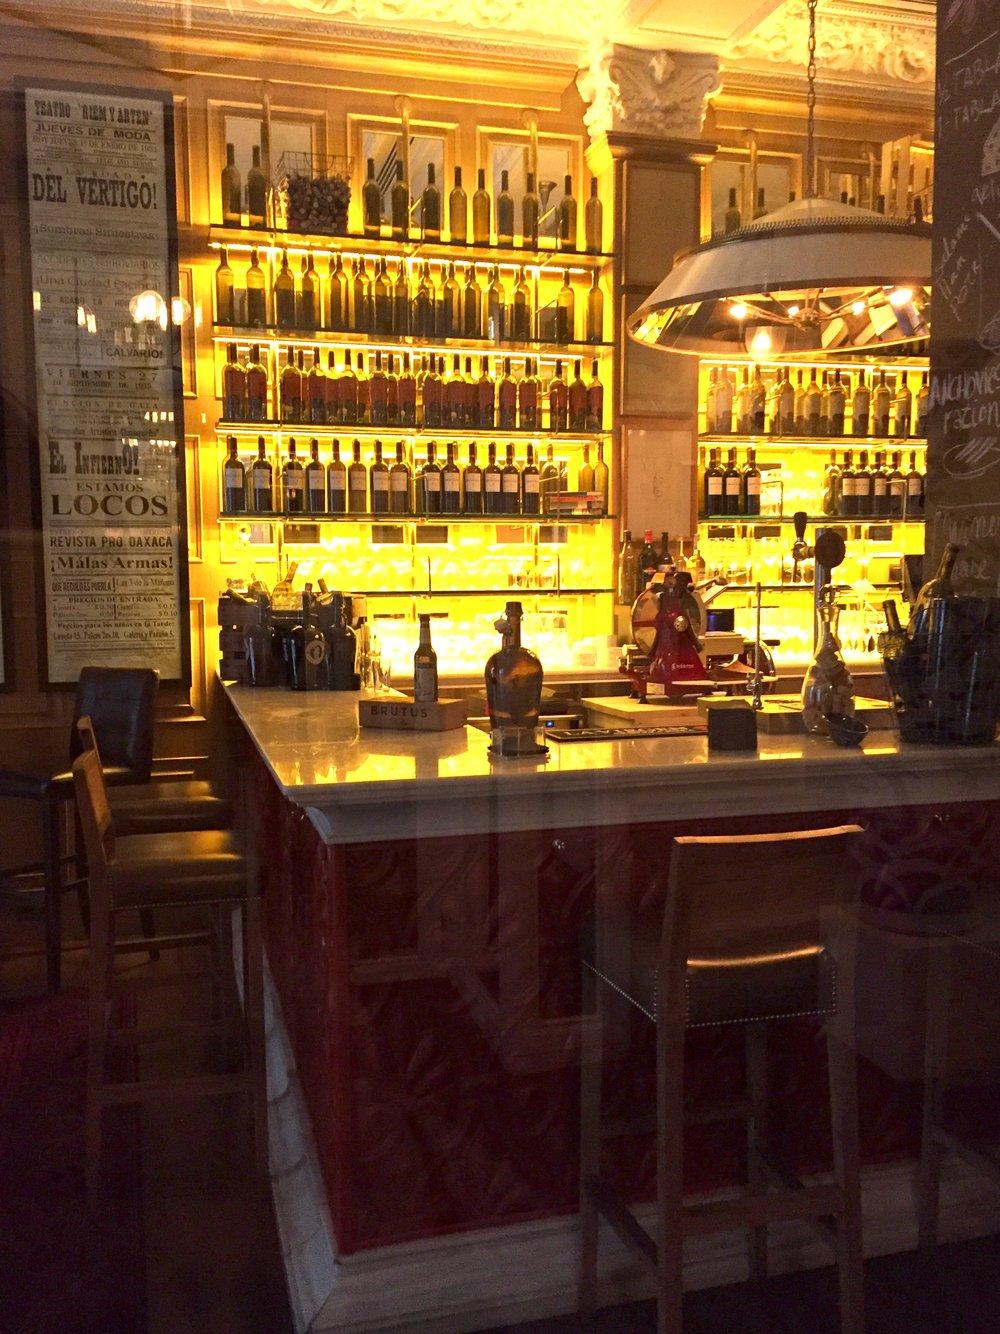 Padrino bar